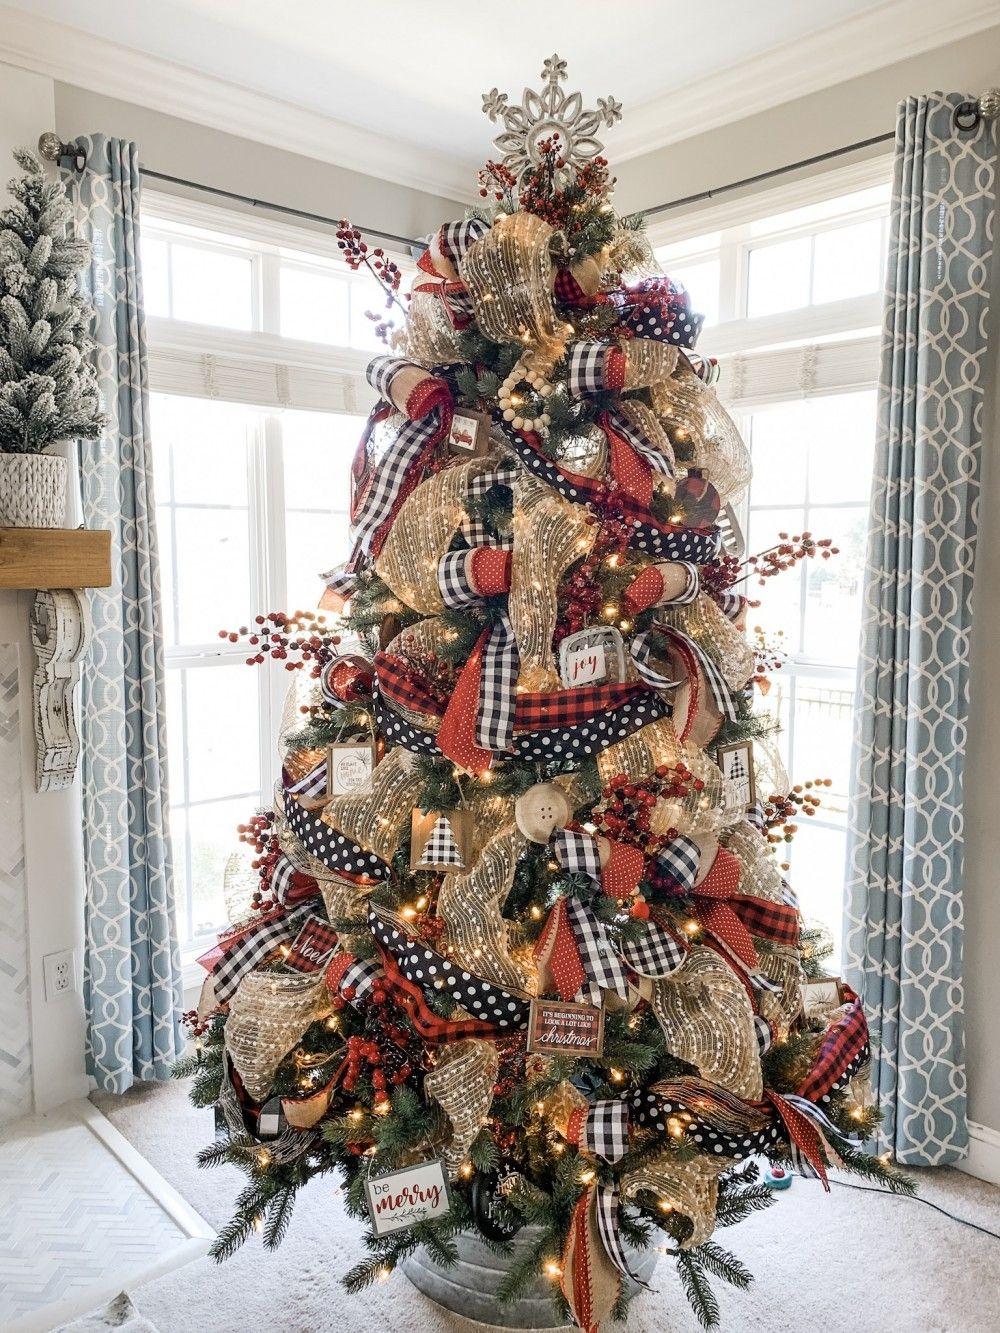 Gukasxi Nastro di Natale 3 Rotoli Nastri di Stelle di Albero di Natale con Parole Buon Natale Nastro di Raso Verde Rosso per Artigianato Fai da Te Regali Decorazione Confezione Regalo